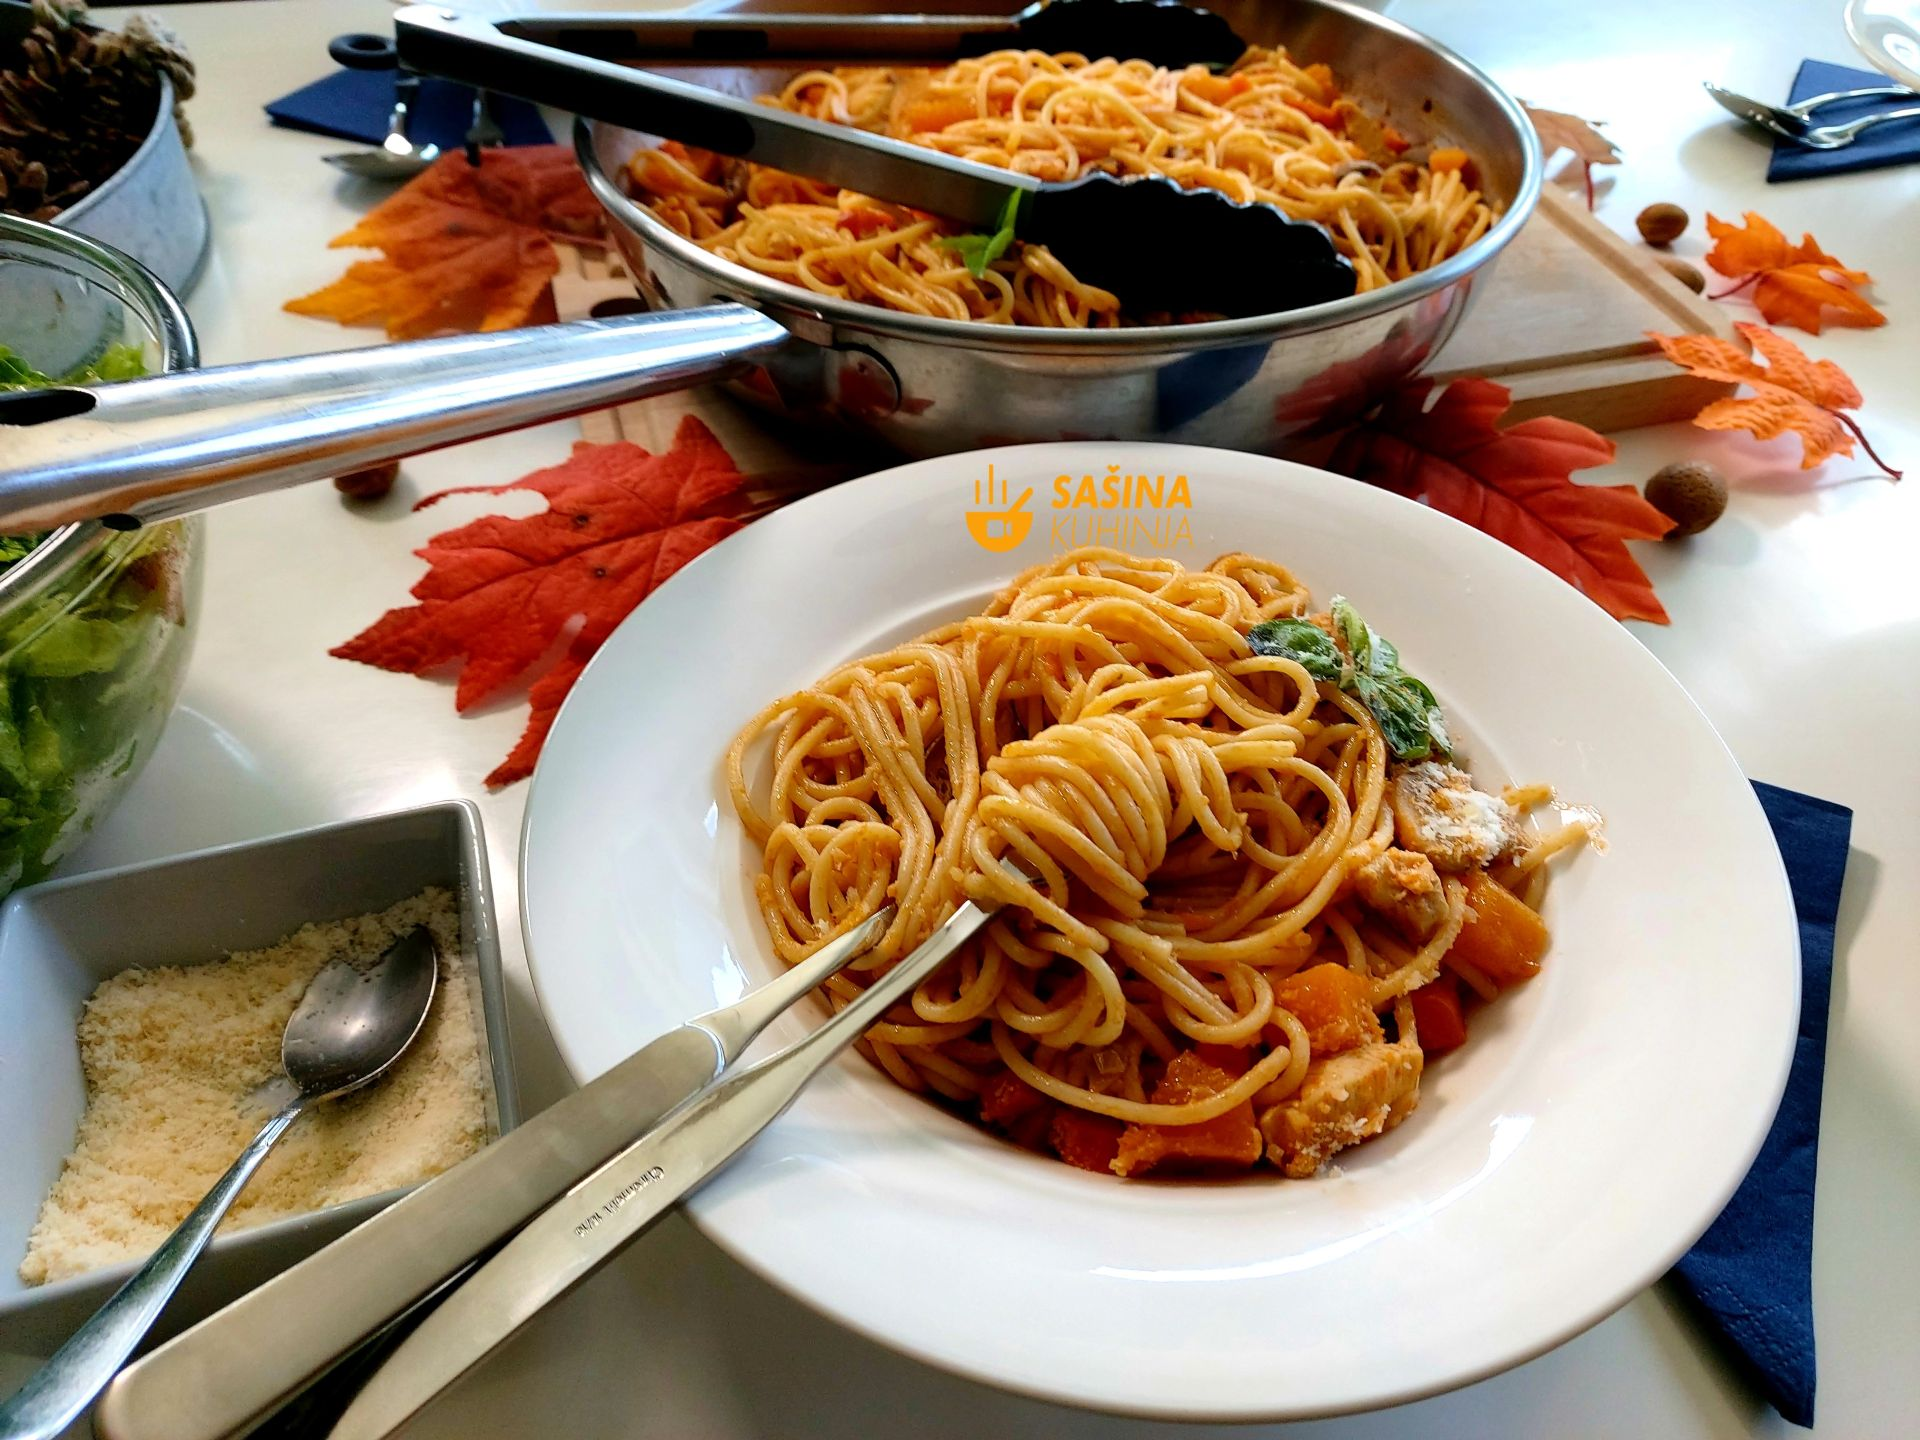 jesenja tjestenina sa piletinom muškatnom tikvom šampinjonima jesenski recept